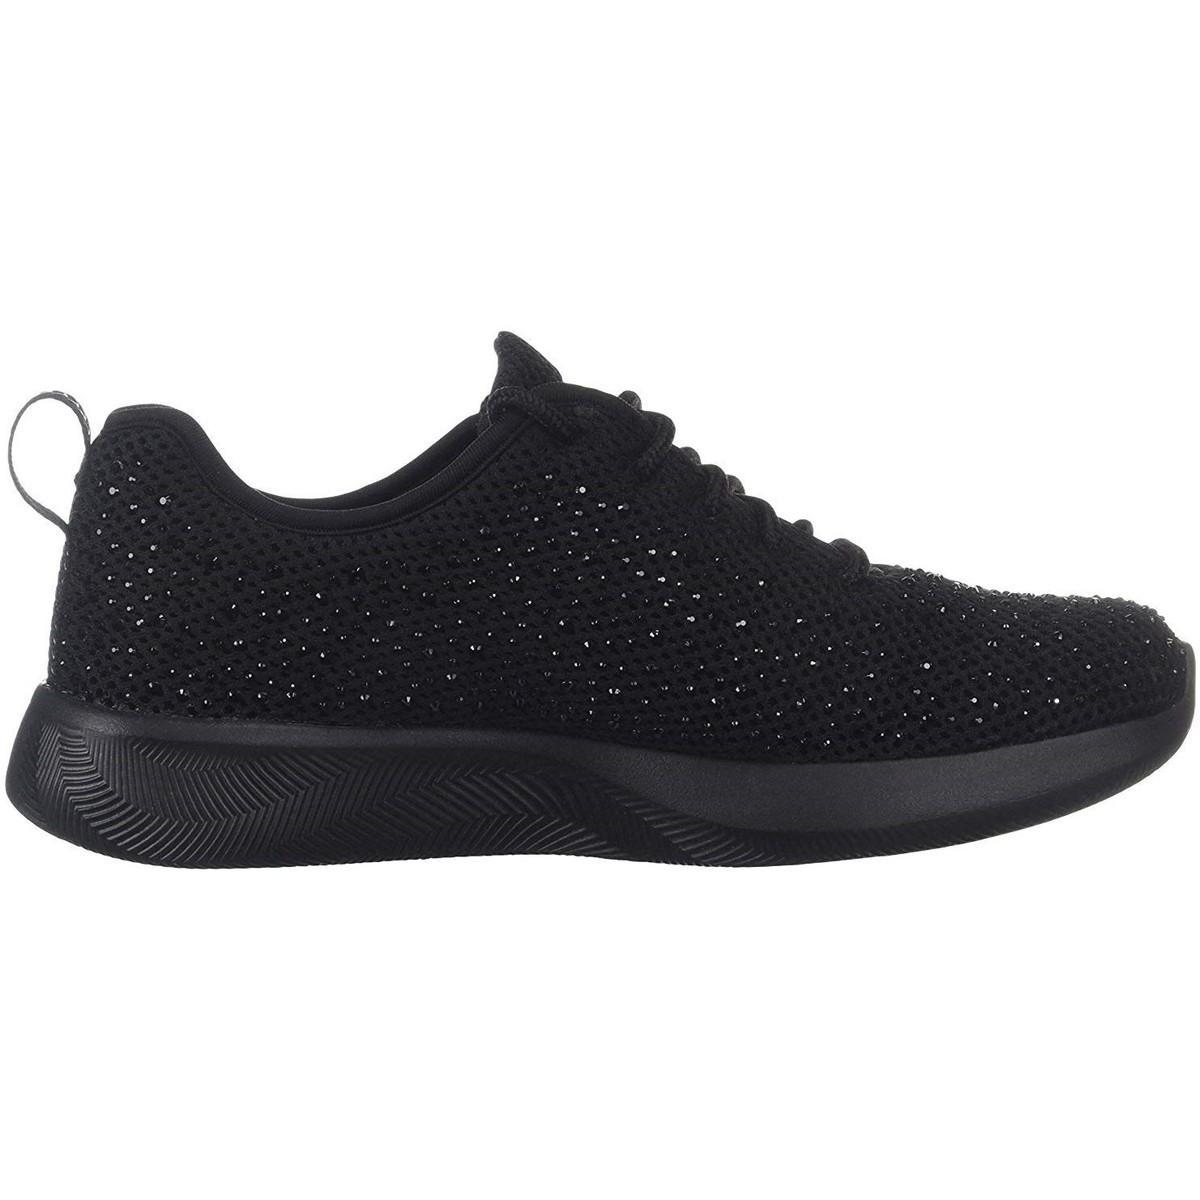 32805/BBK Chaussures Skechers en coloris Noir FZel